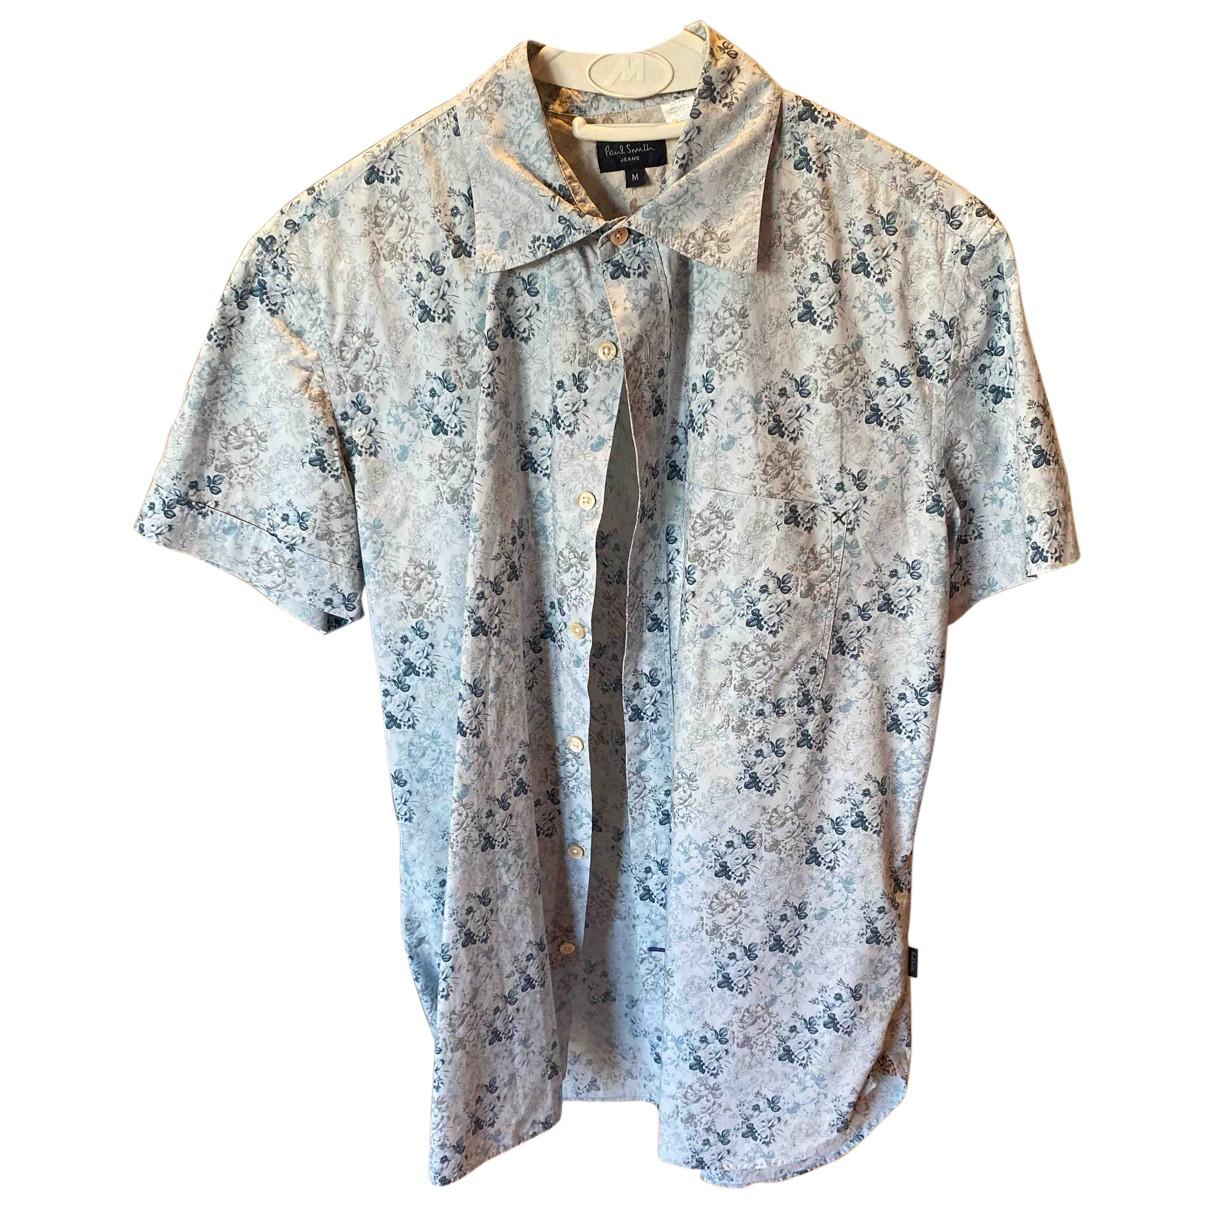 Paul Smith - Chemises   pour homme en coton - turquoise